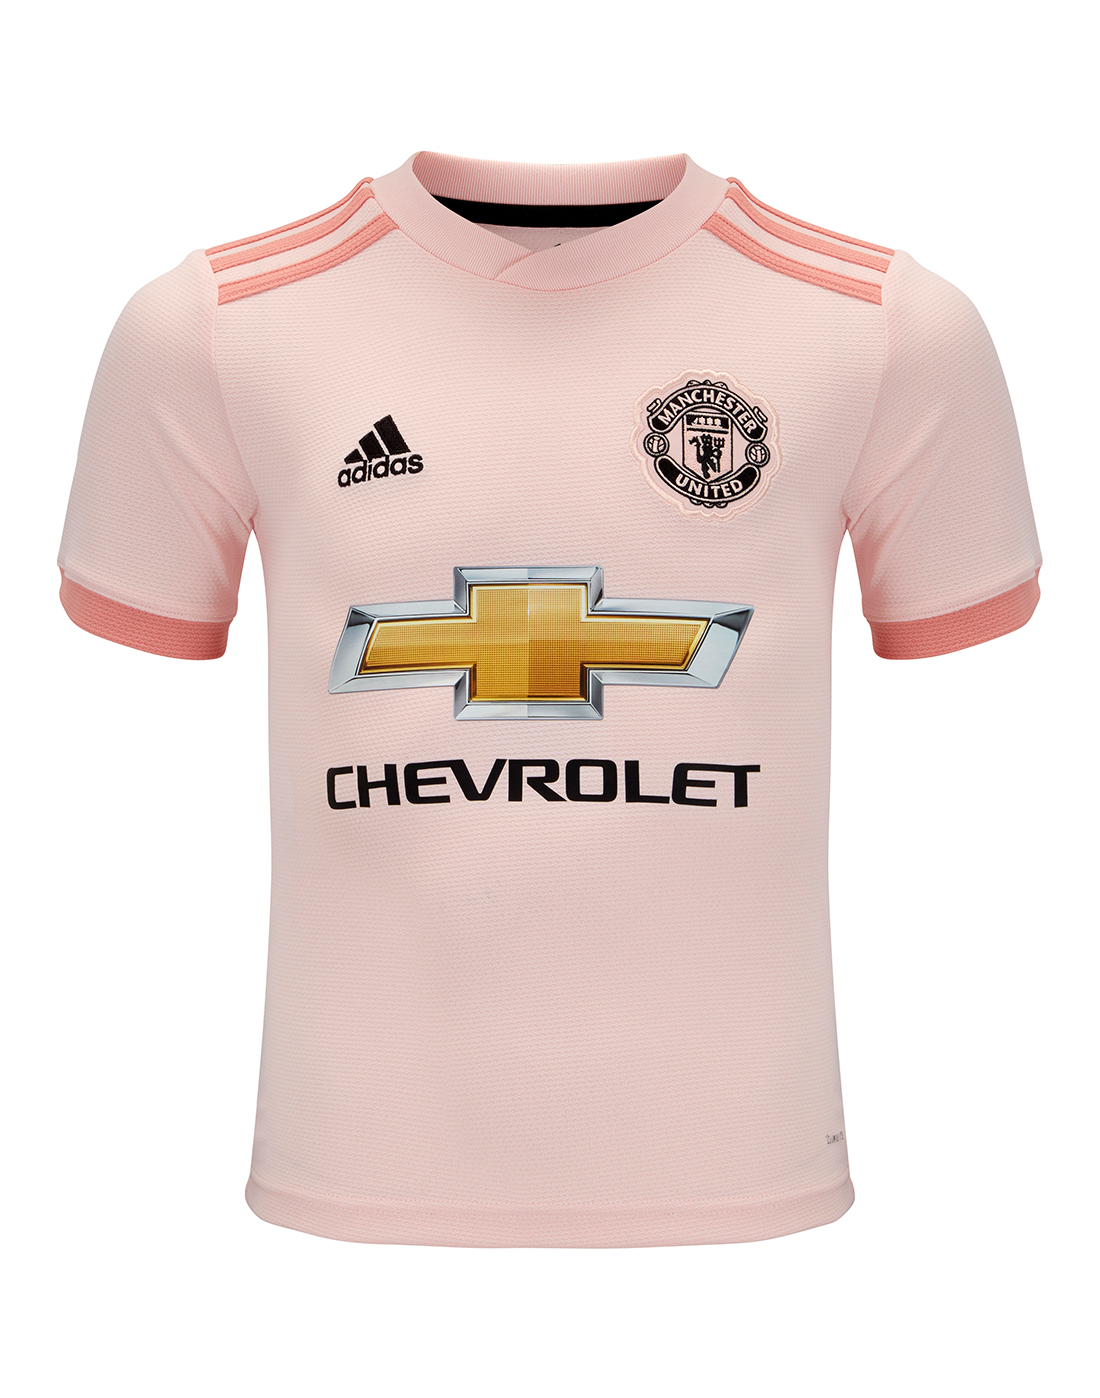 75e5bf246 Kids Man United 18/19 Away Jersey   adidas   Life Style Sports